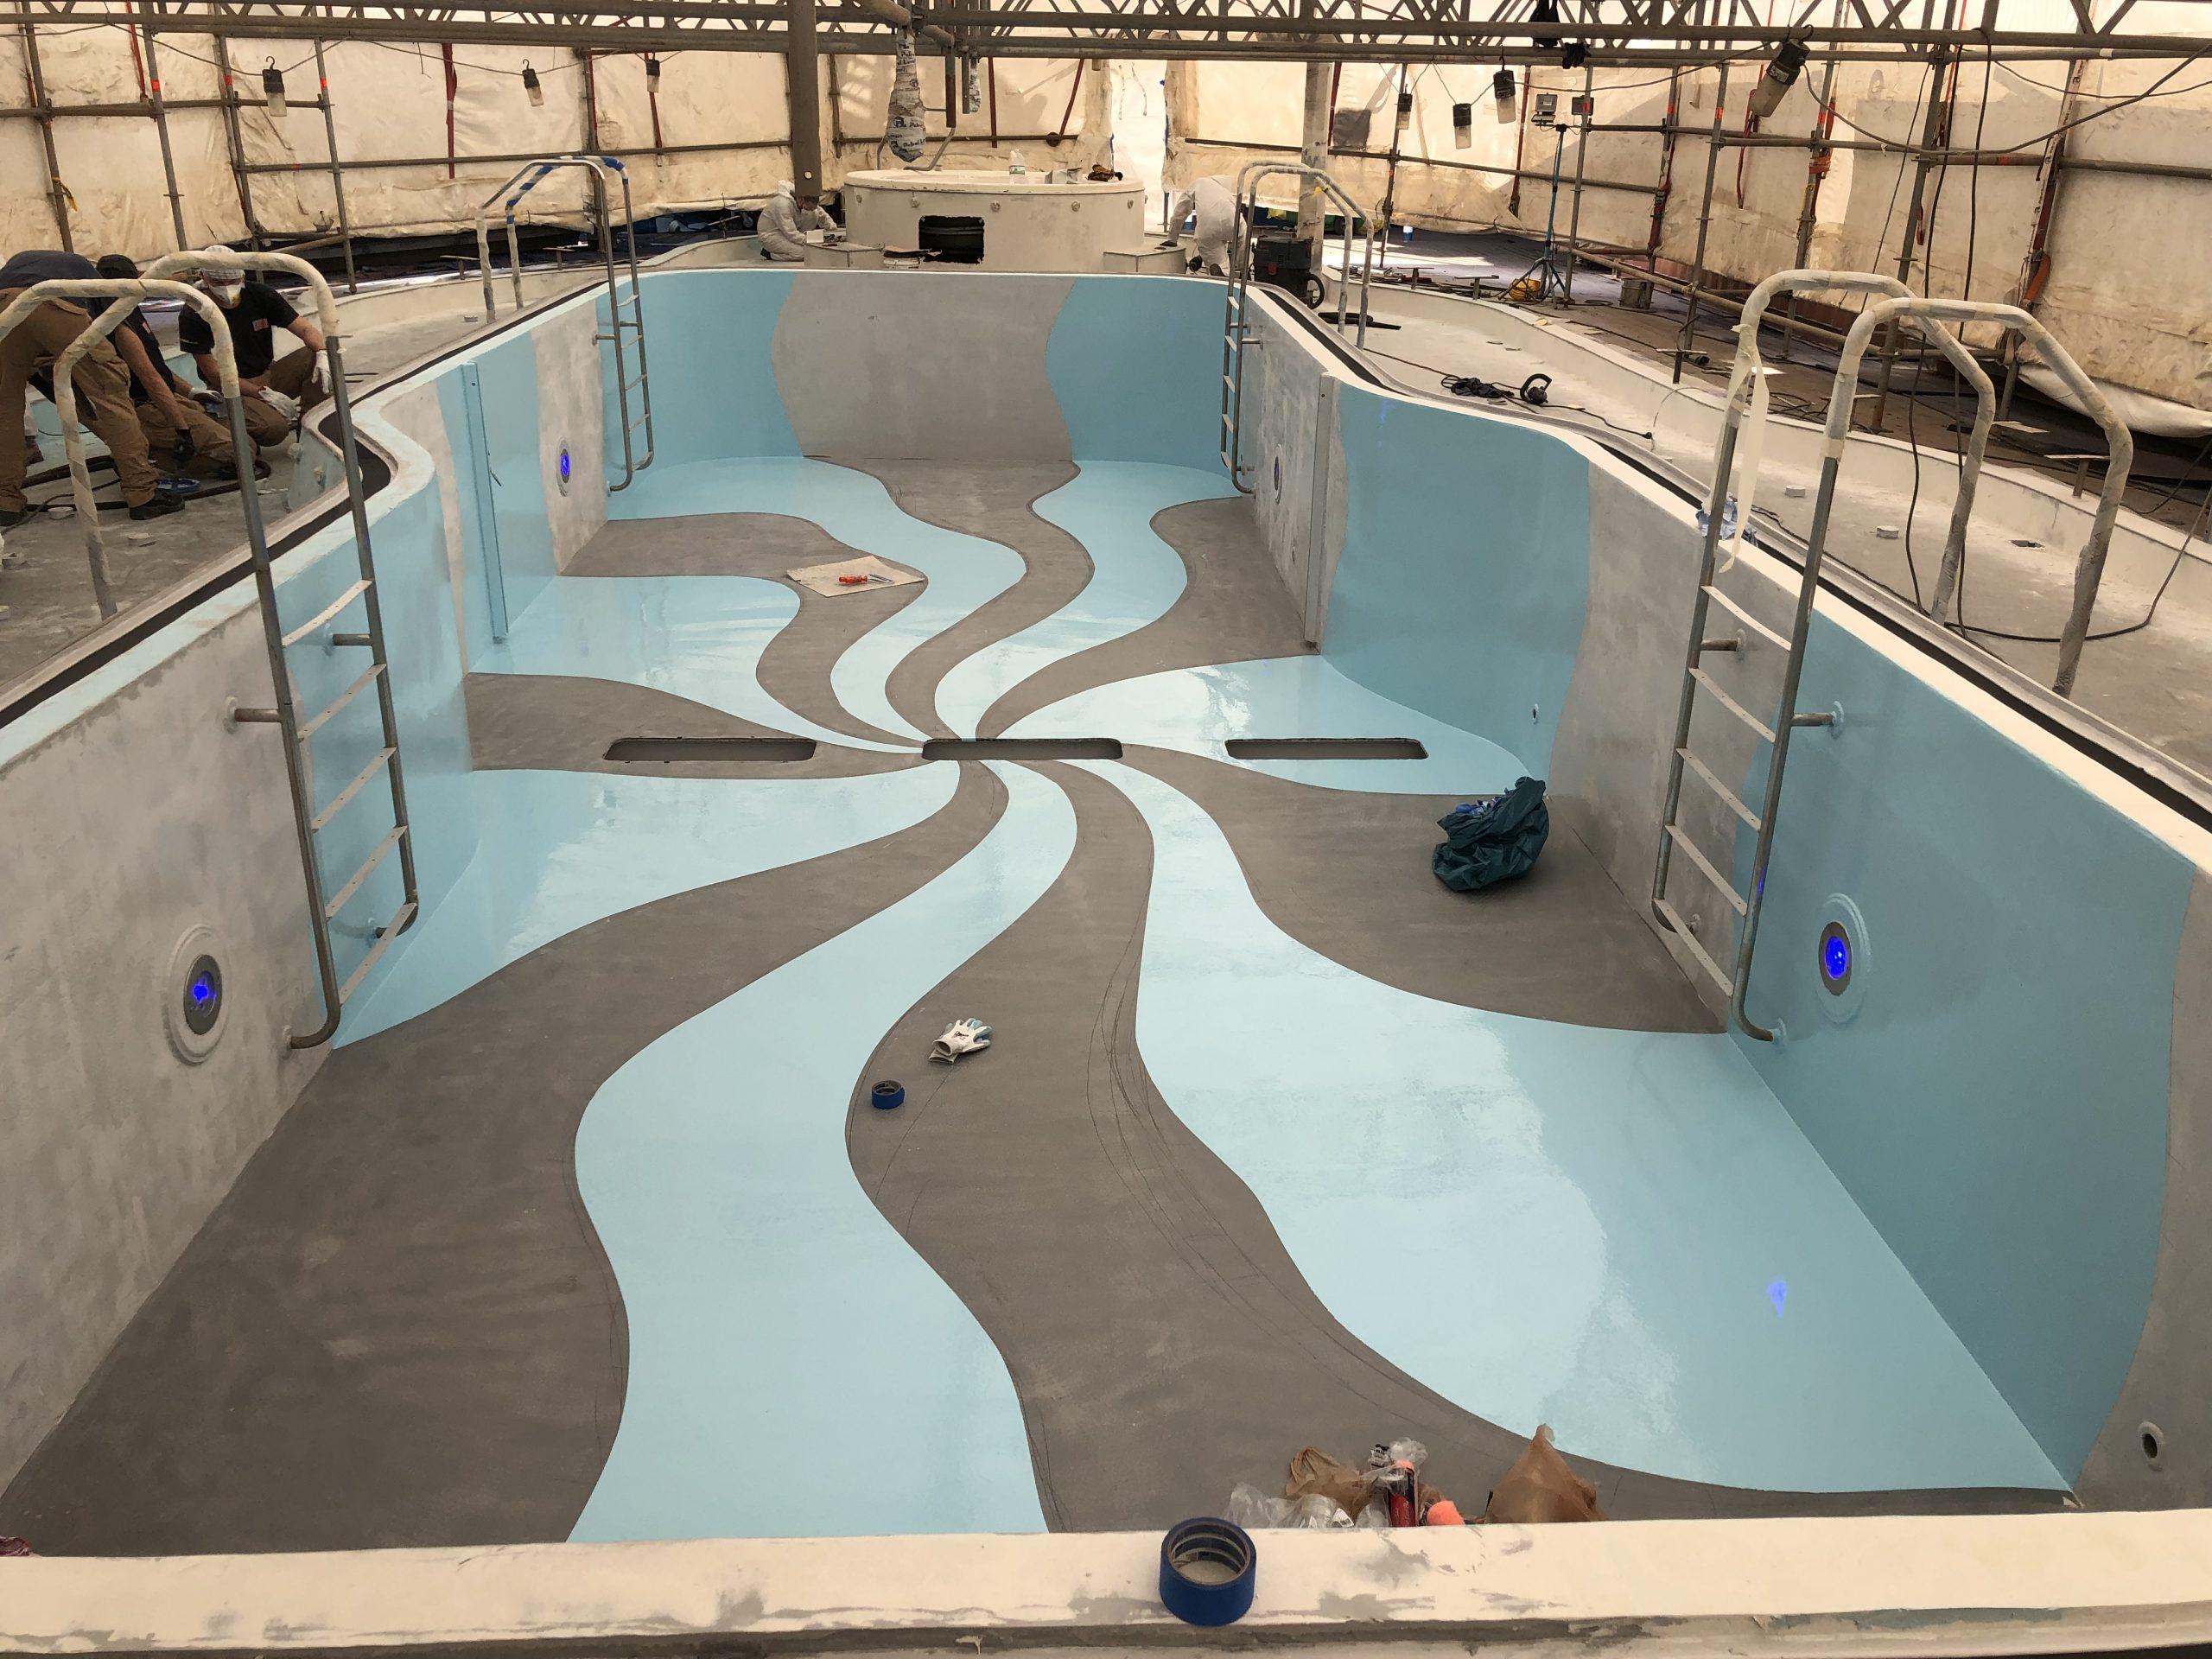 Carnival cruise Fantasy diego bormida artist pool chemco design epoxy resin precetti (16)